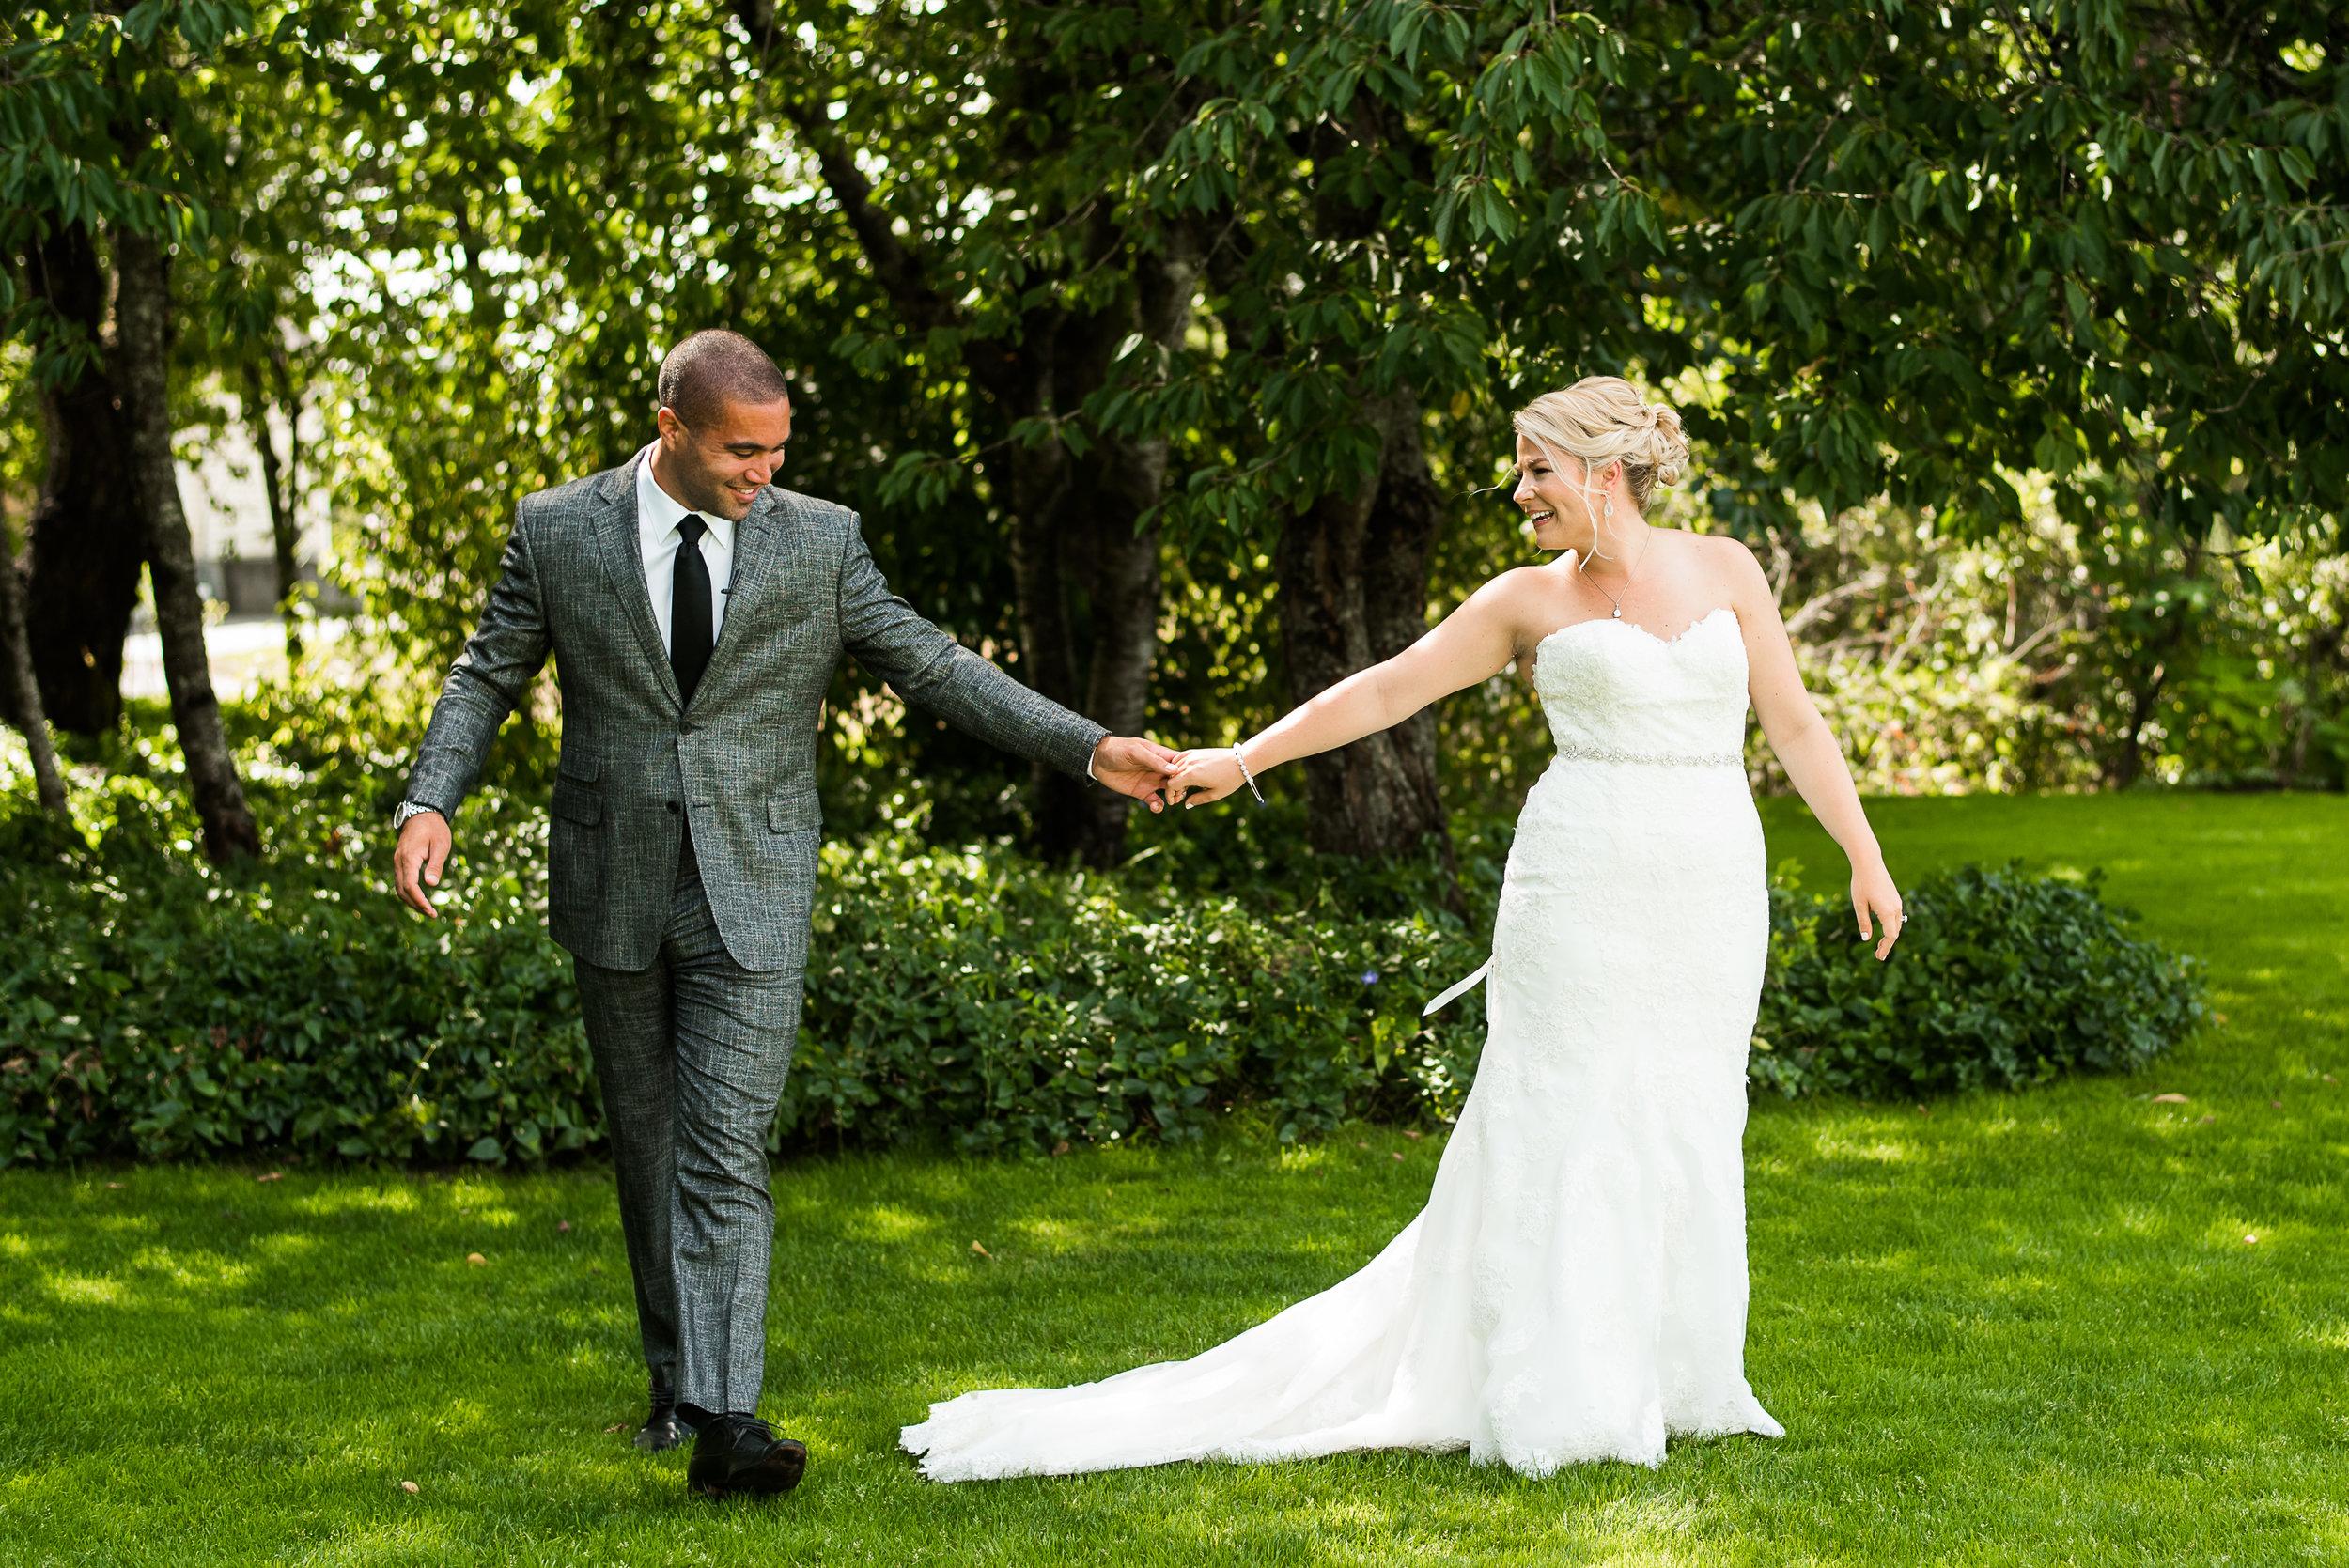 HA-wedding-Van-Wyhe-Photography-110.jpg